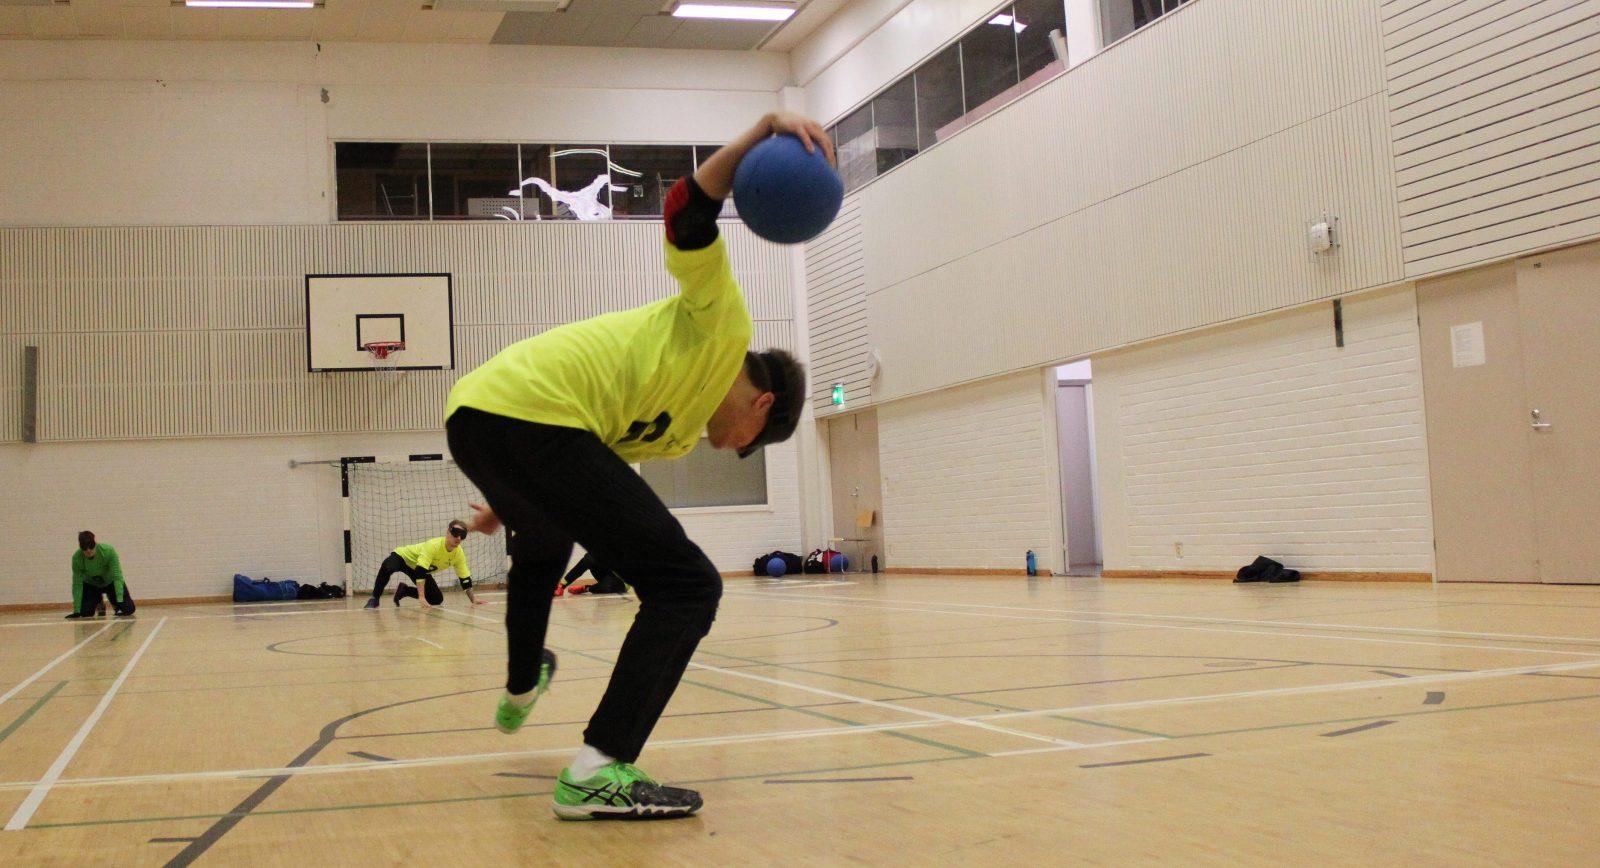 Aisti Sportin pelaaja pyörähtää heittoon. Vastapuolen Aistin pelaajat valmiudessa torjumaan.